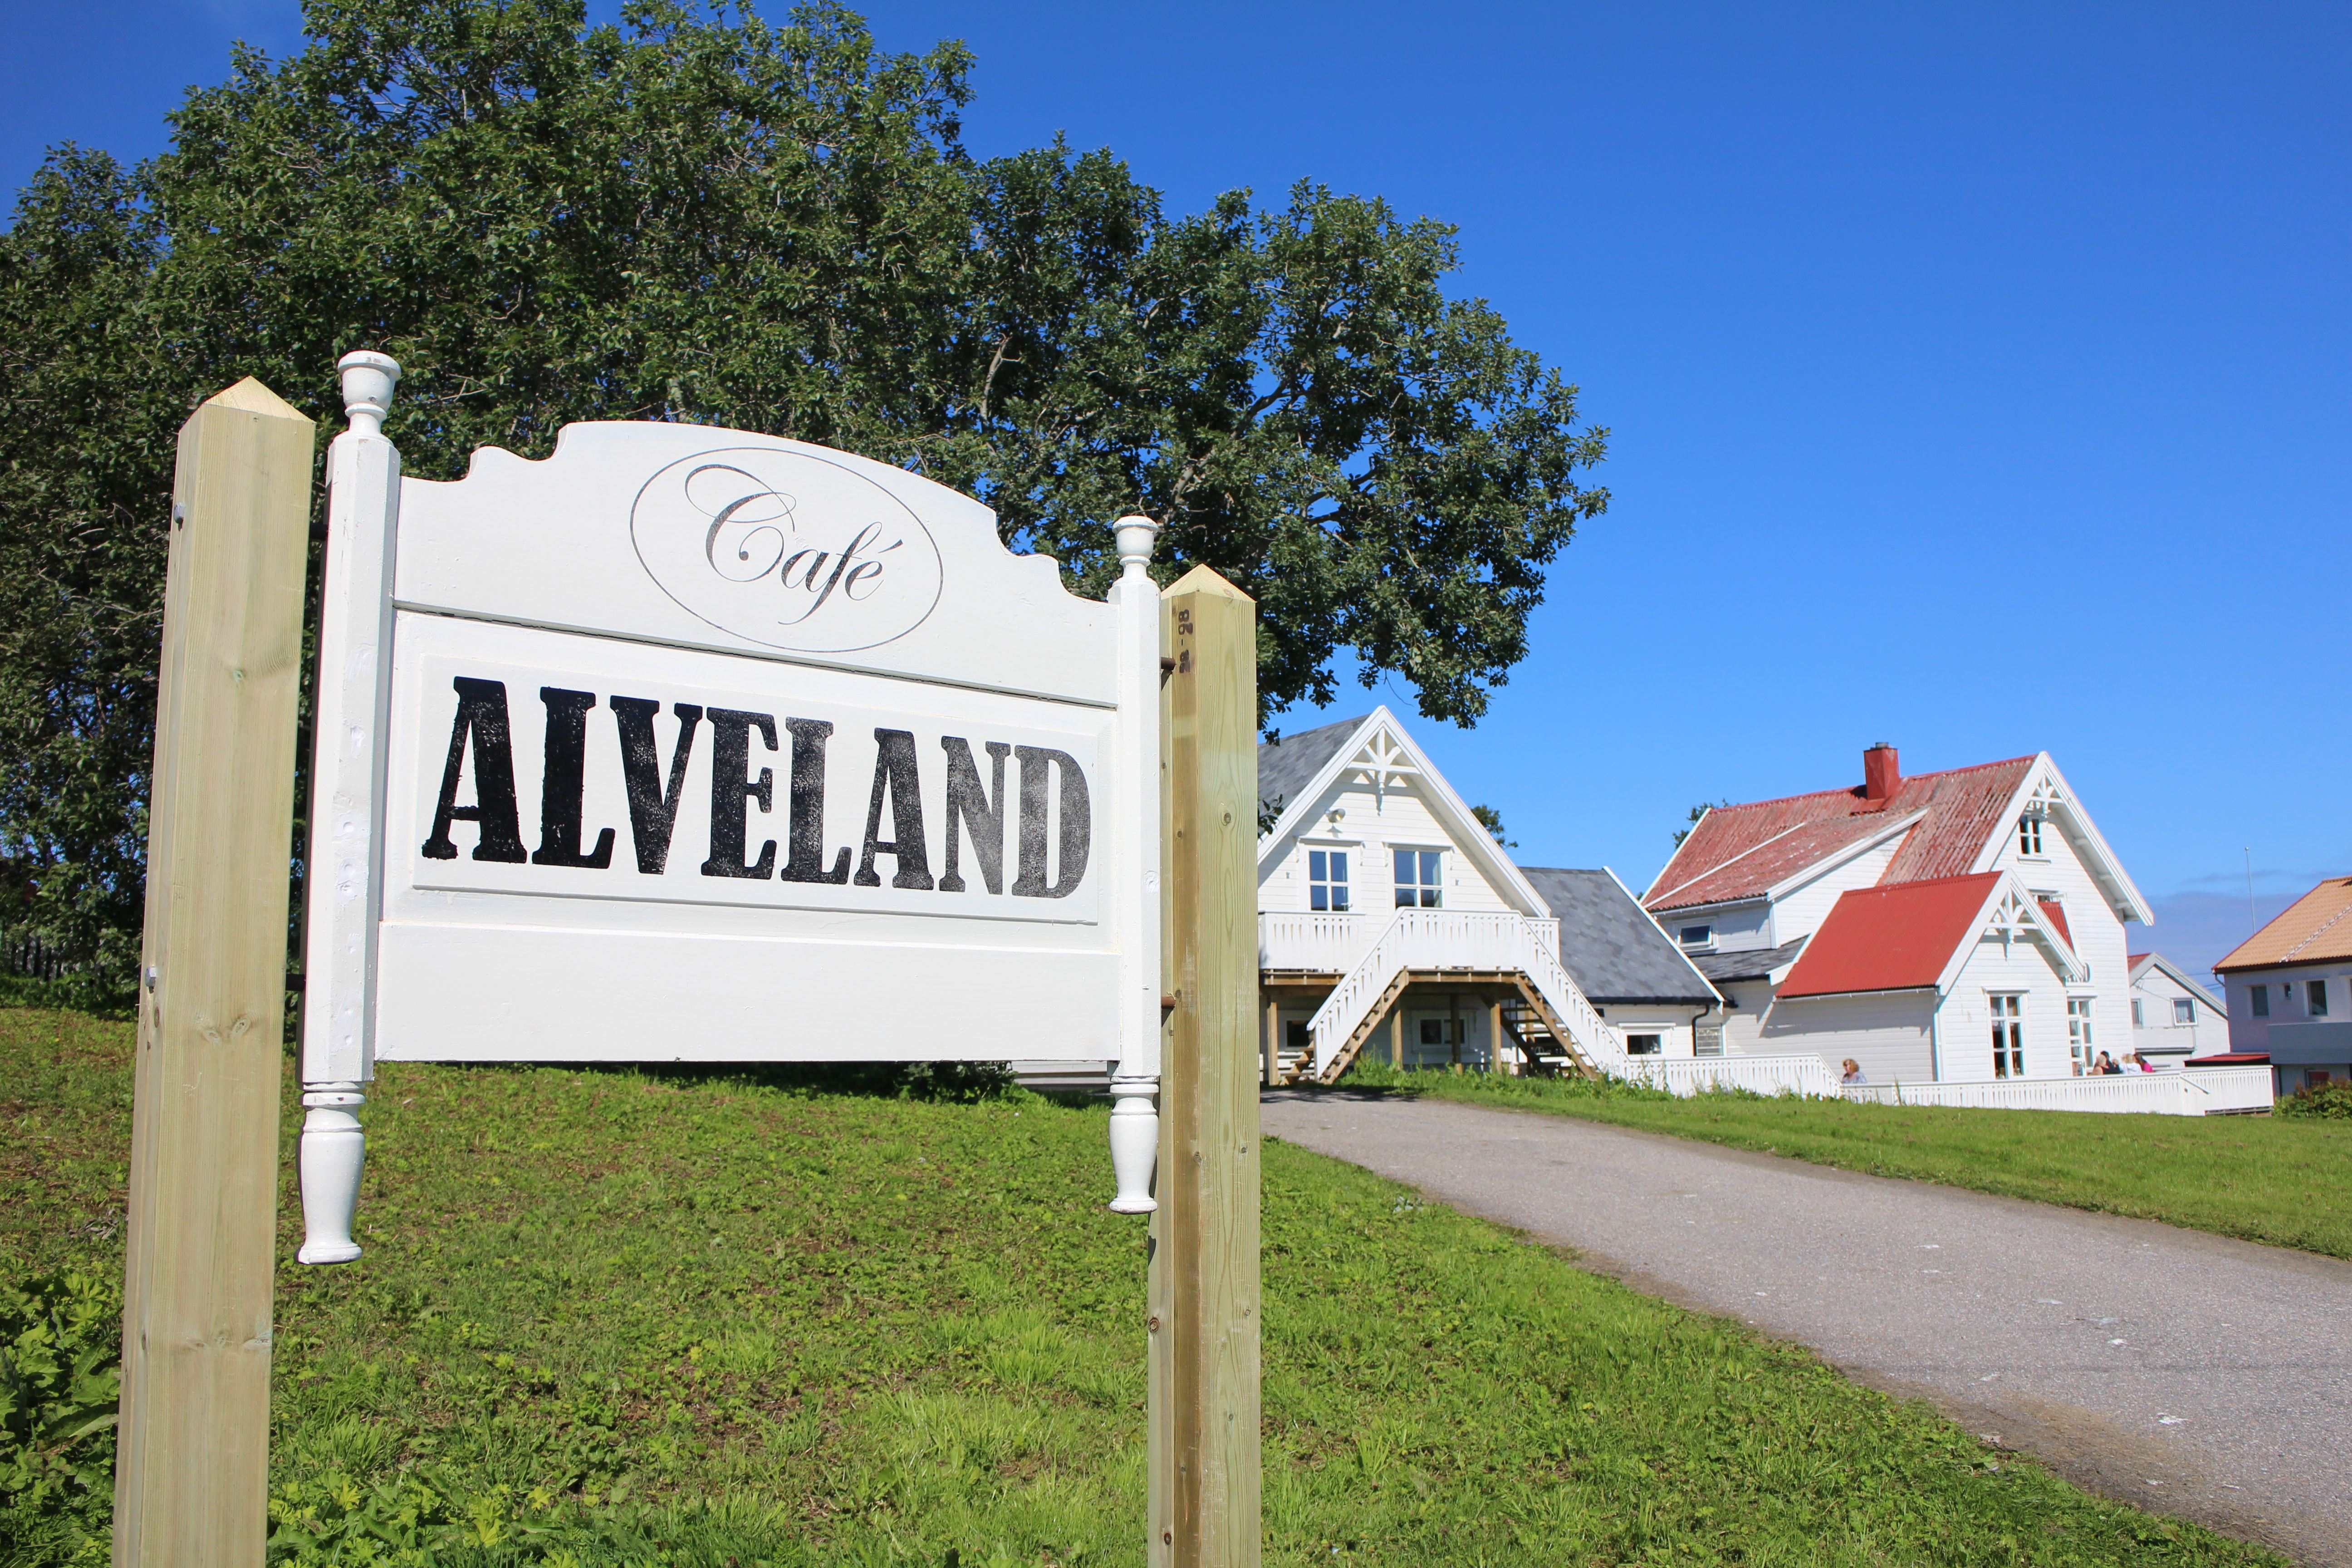 © Alveland, Alveland Shop & Café